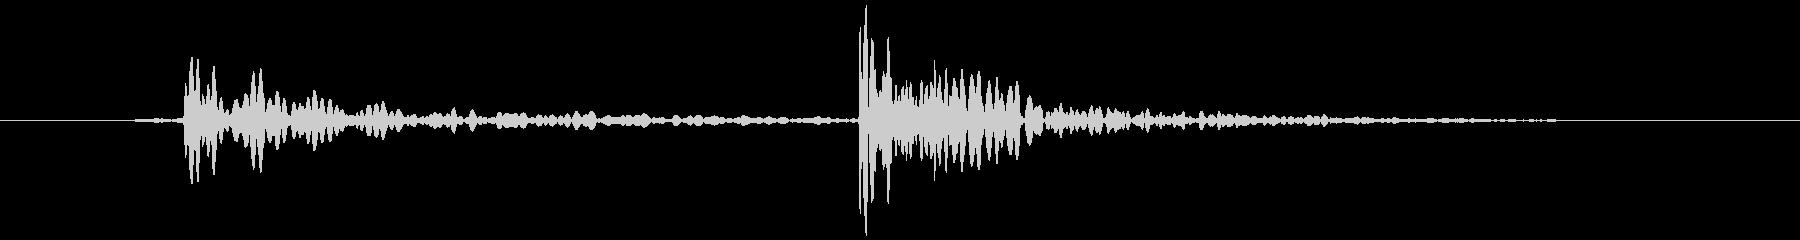 ドリンクグラス:セットダウン、キッ...の未再生の波形